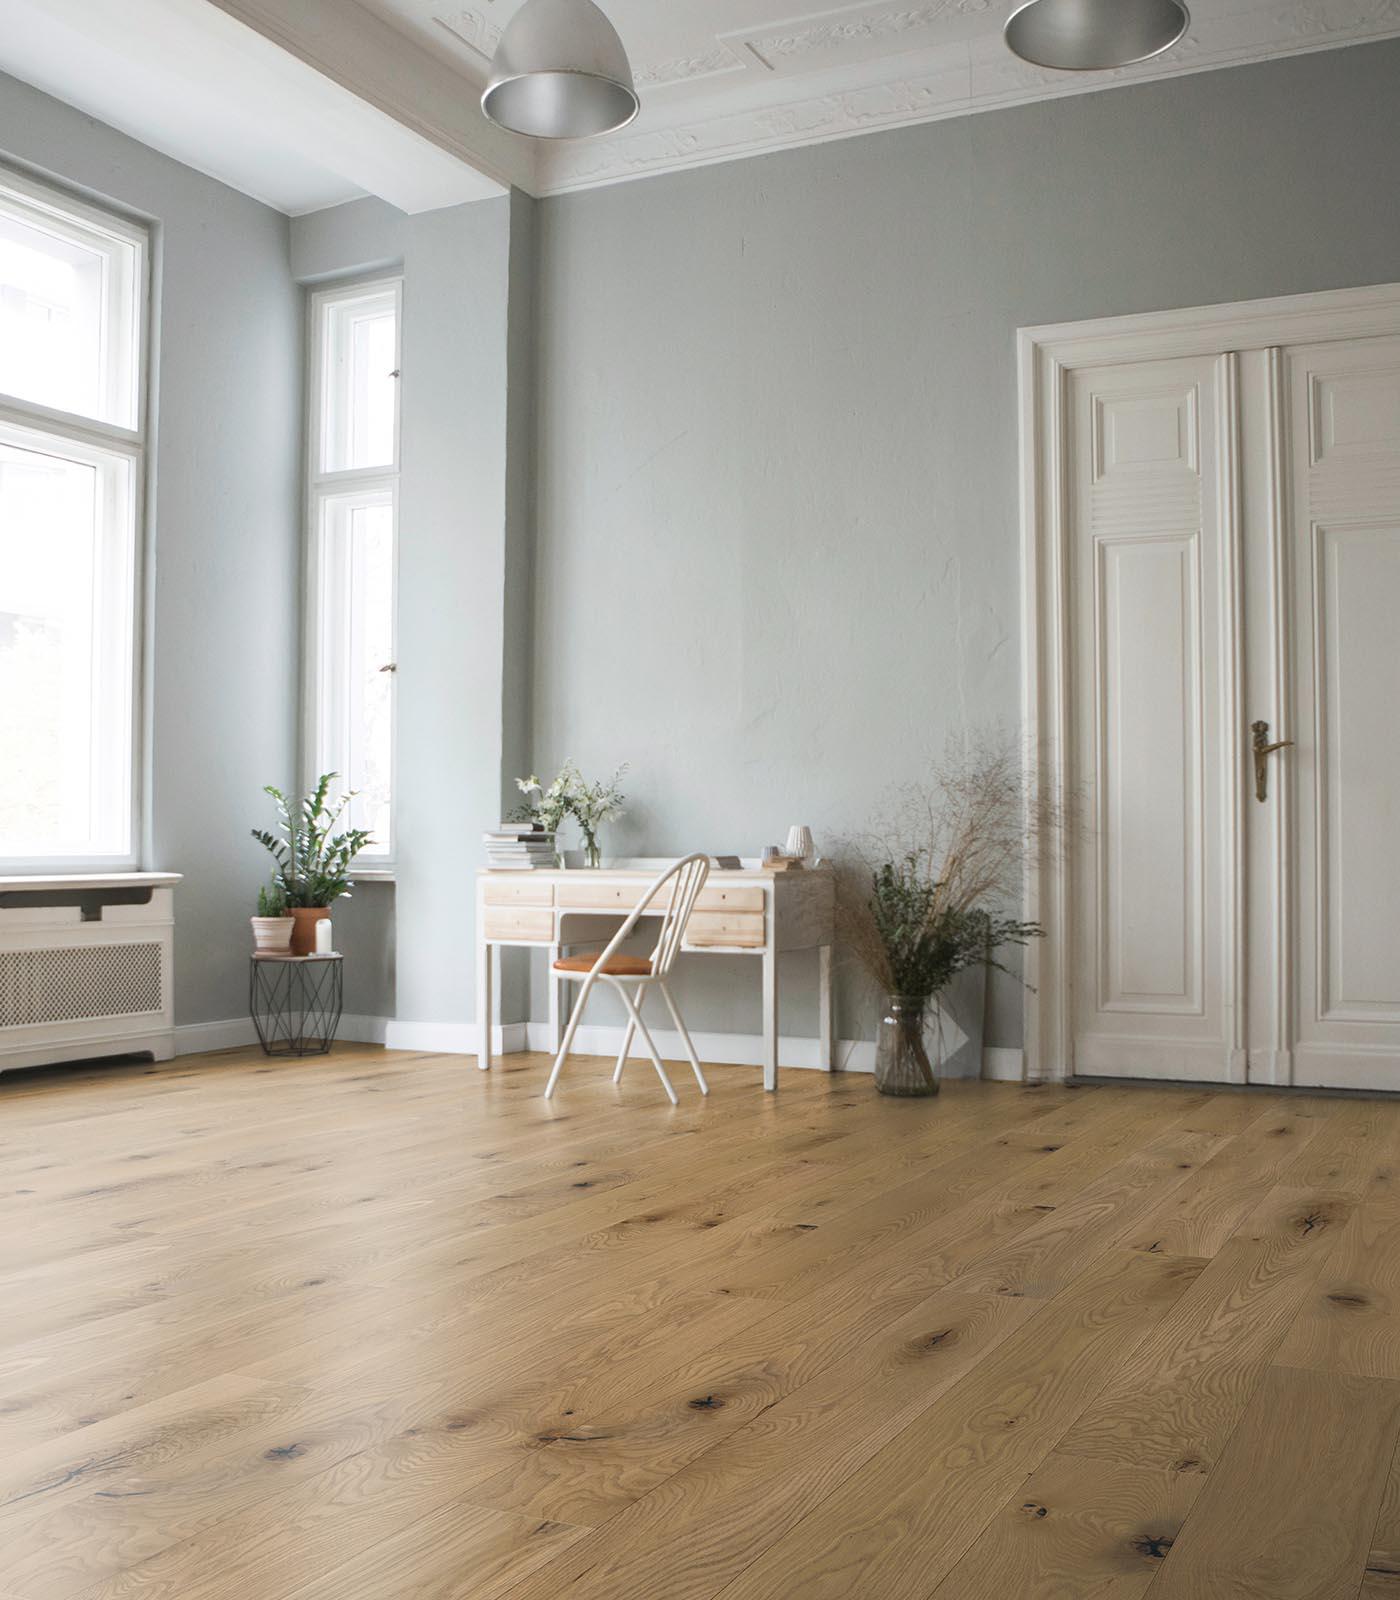 Stetind-European engineered Oak flooring